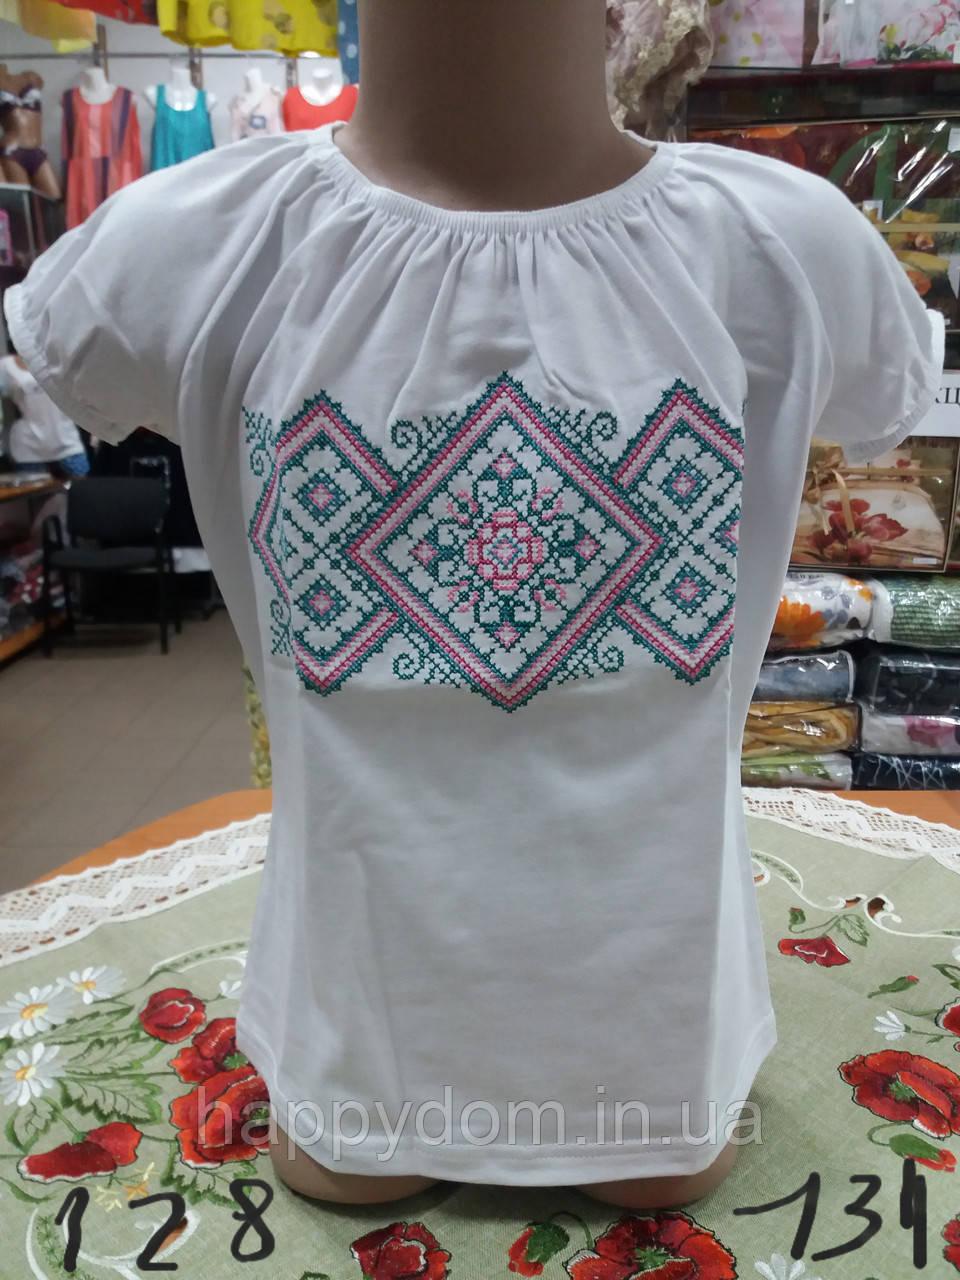 Вышиванка футболка для девочки